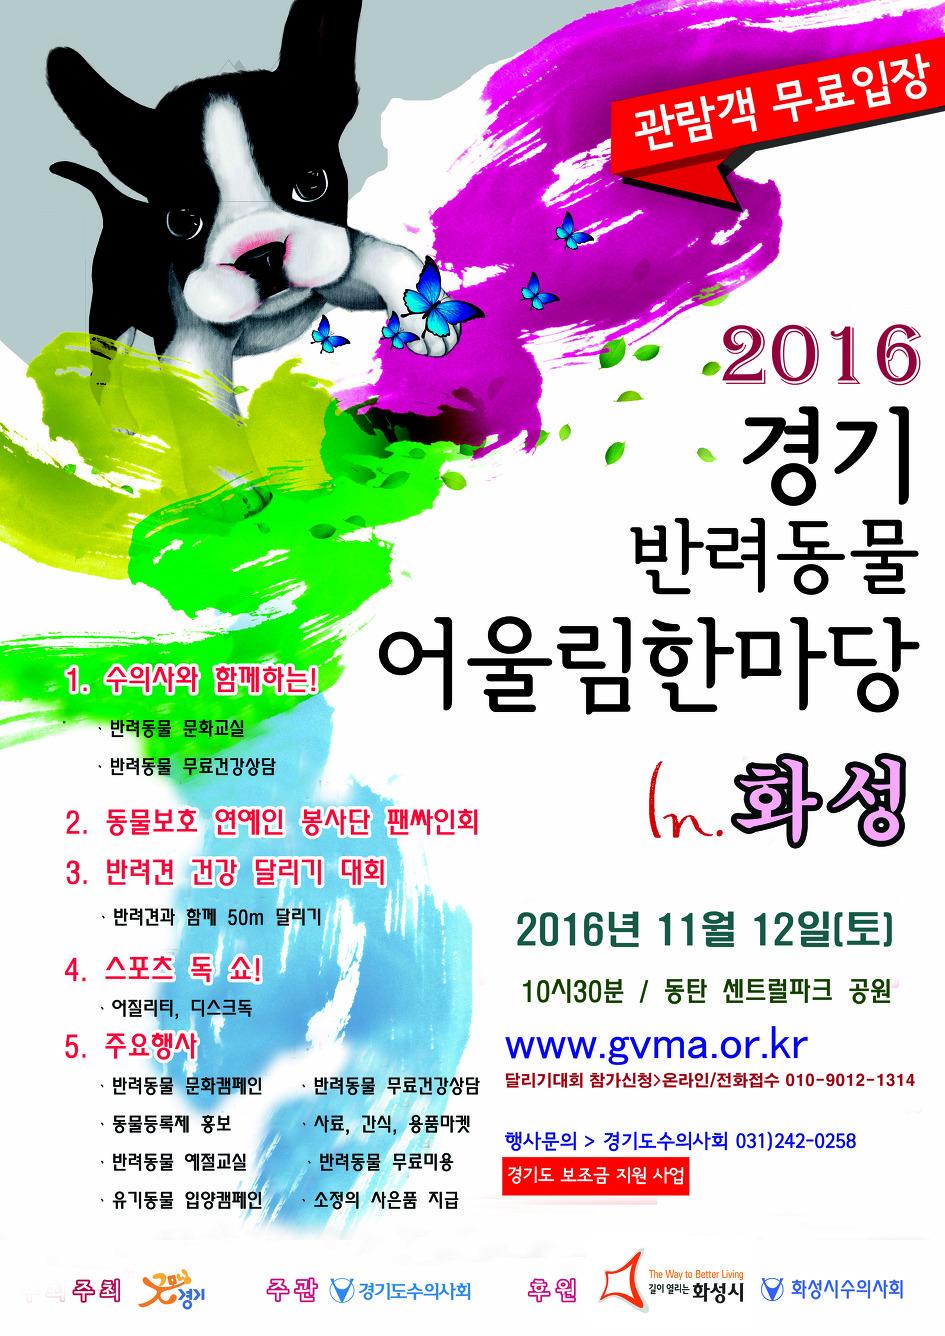 2016 경기반려동물 어울림 한마당 행사안내(화성)